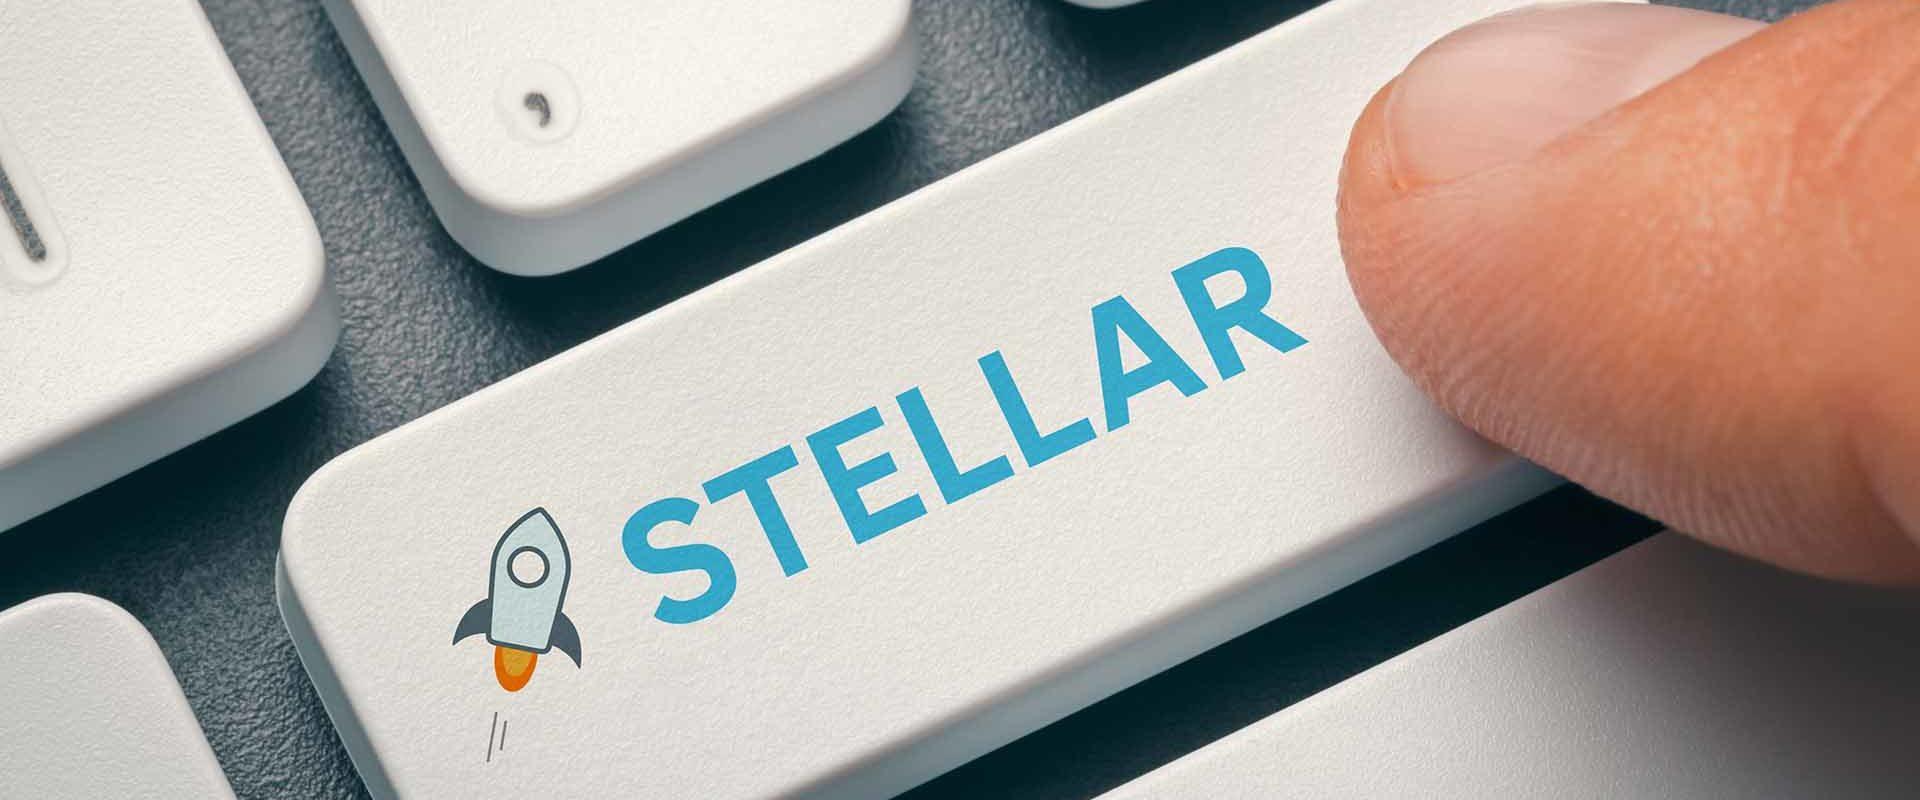 StellarX, World's First Zero-Fee Exchange Launched by Stellar (XLM)